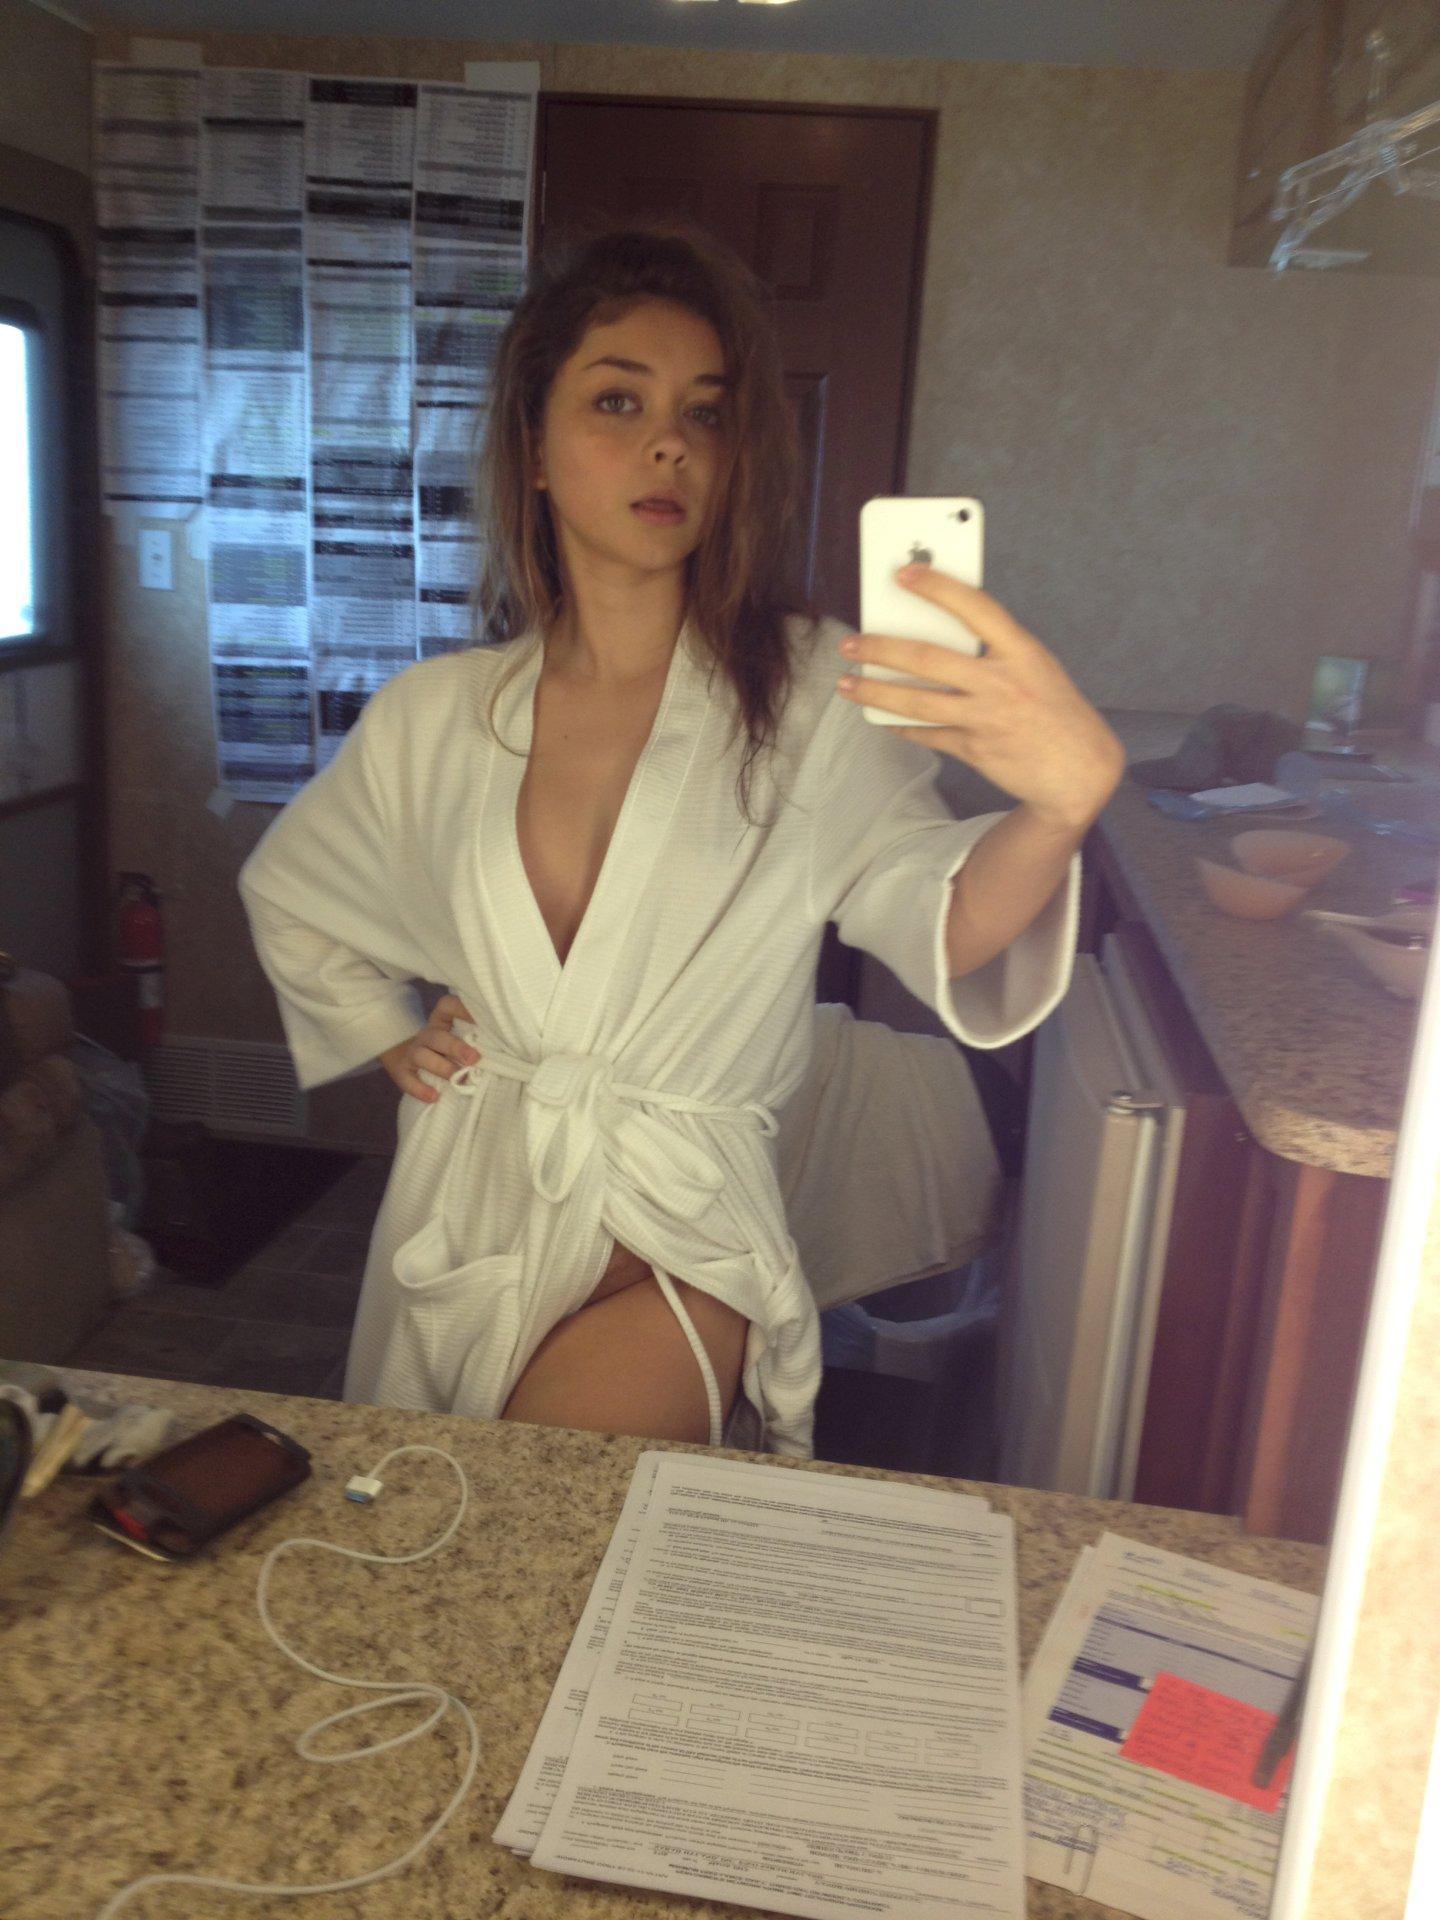 Nude pics sarah hyland